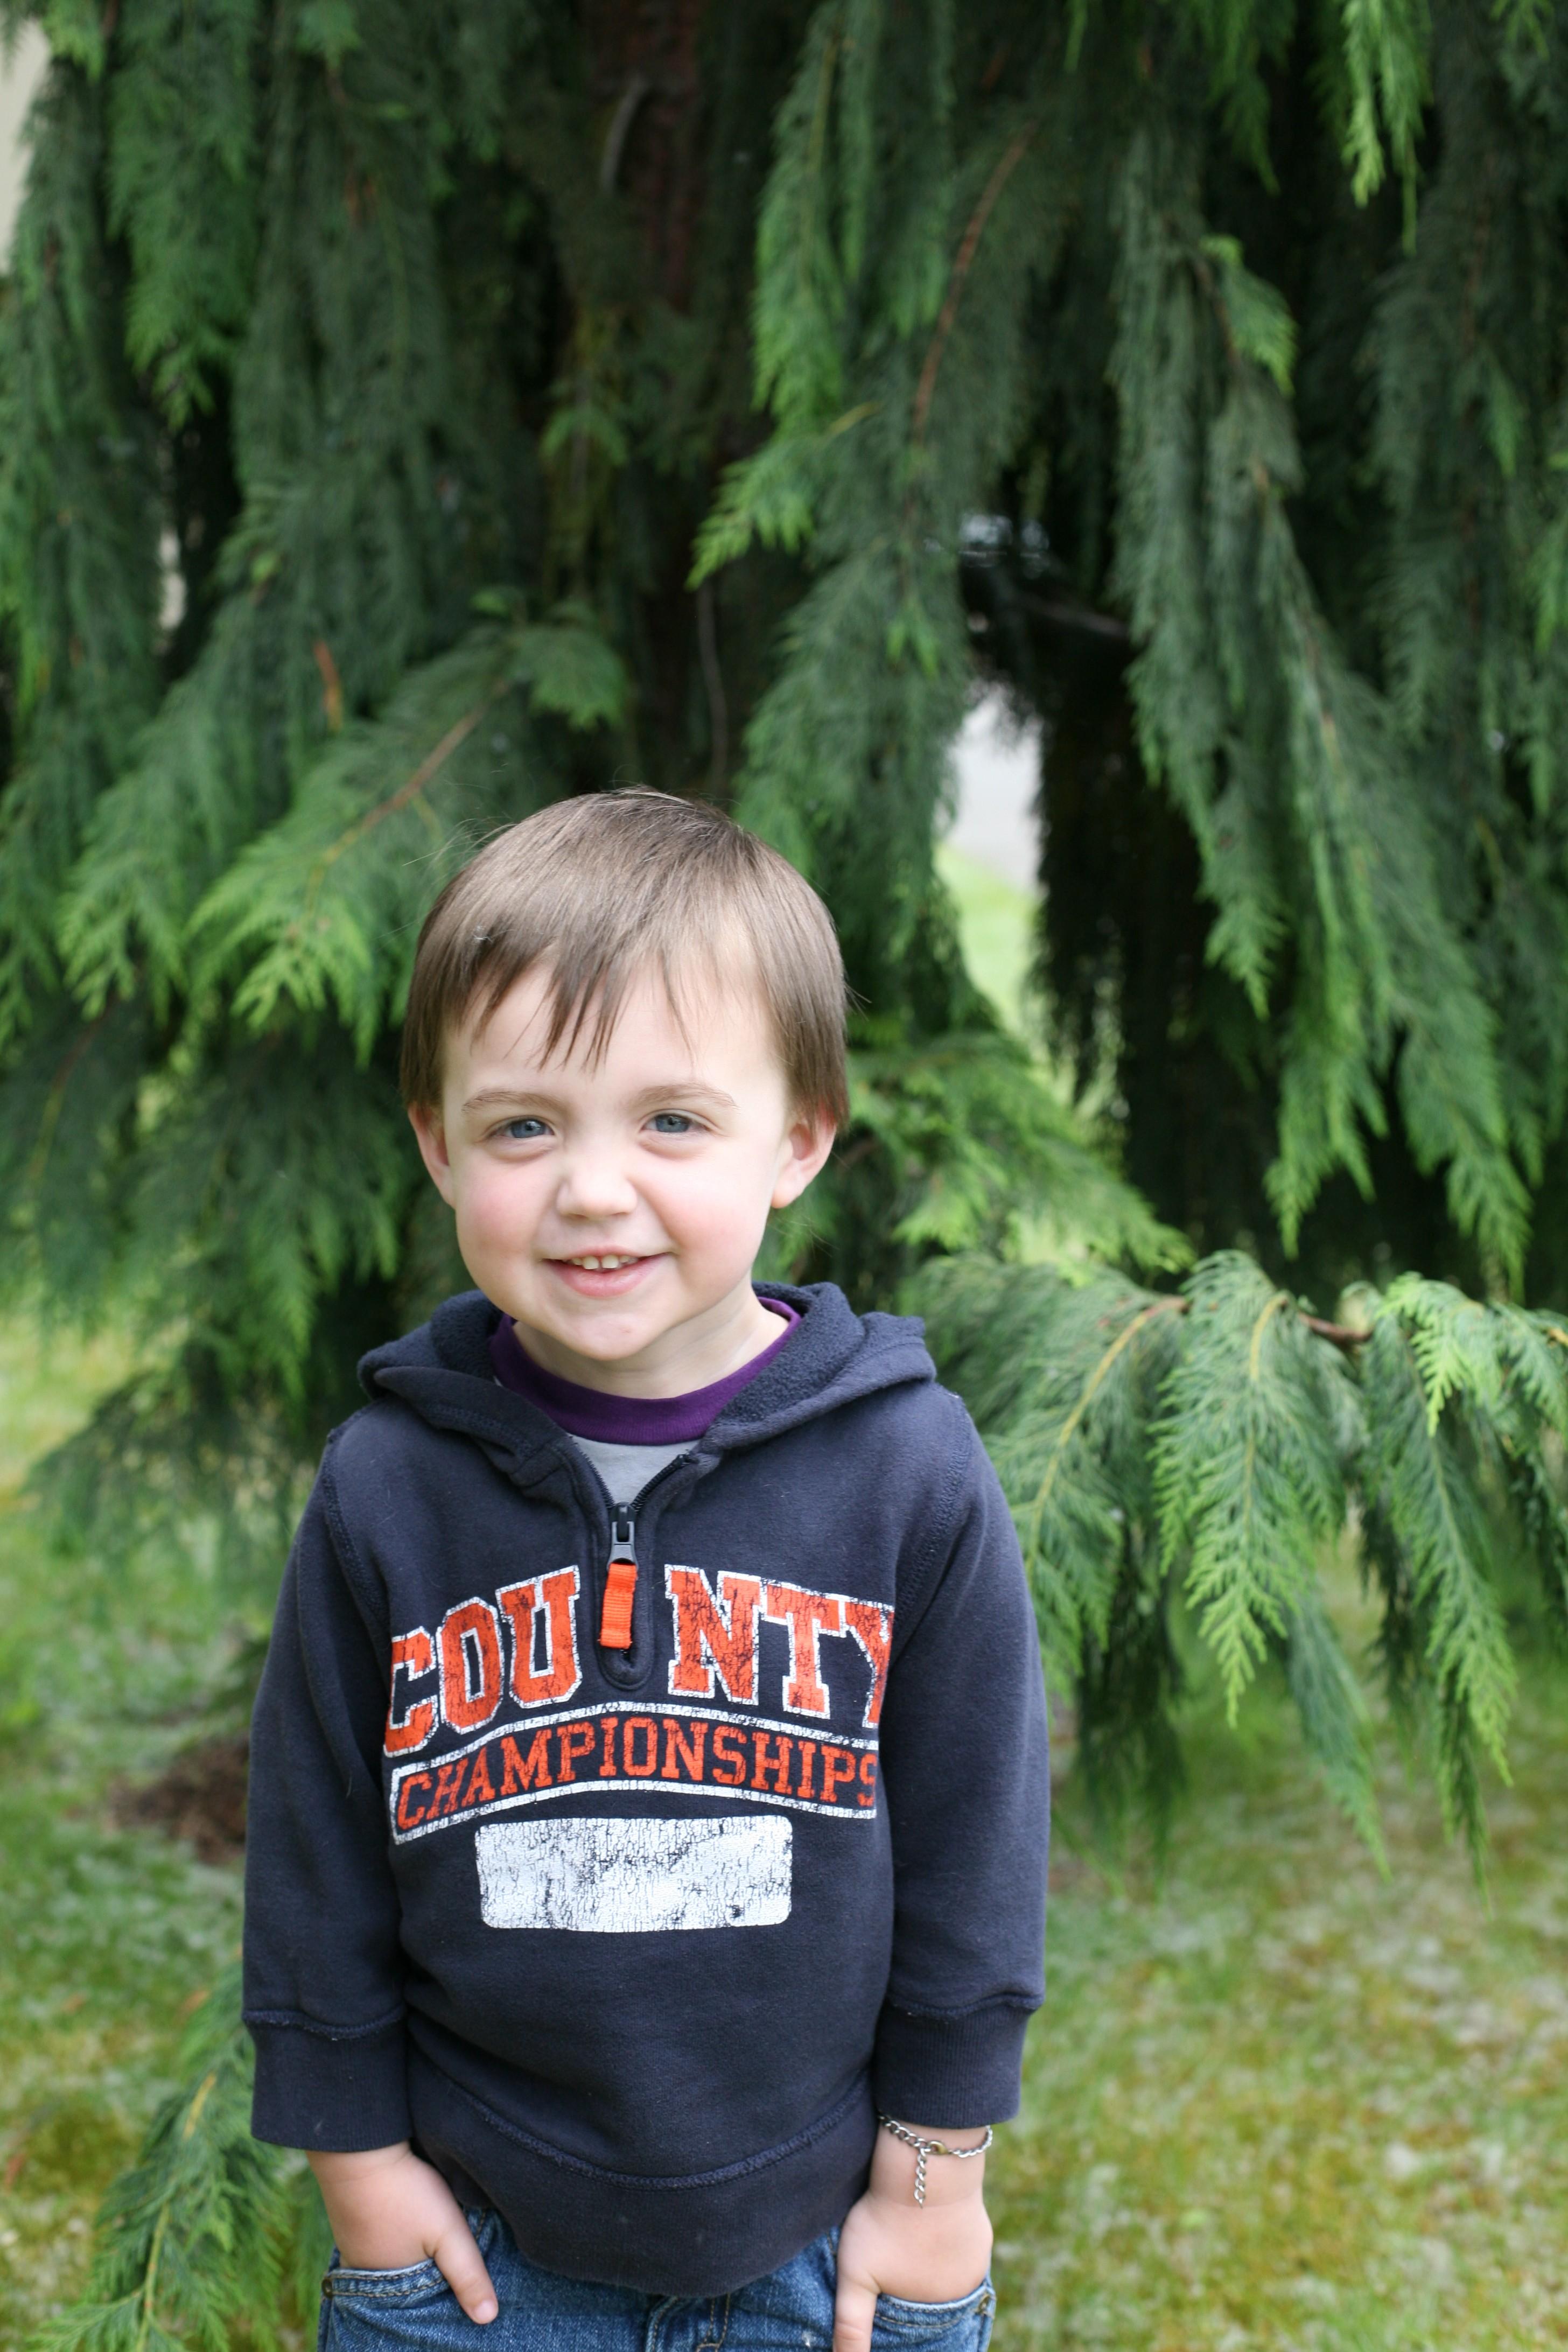 بالصور صور اولاد , اجمل اطفال اولاد كيوت 5122 8